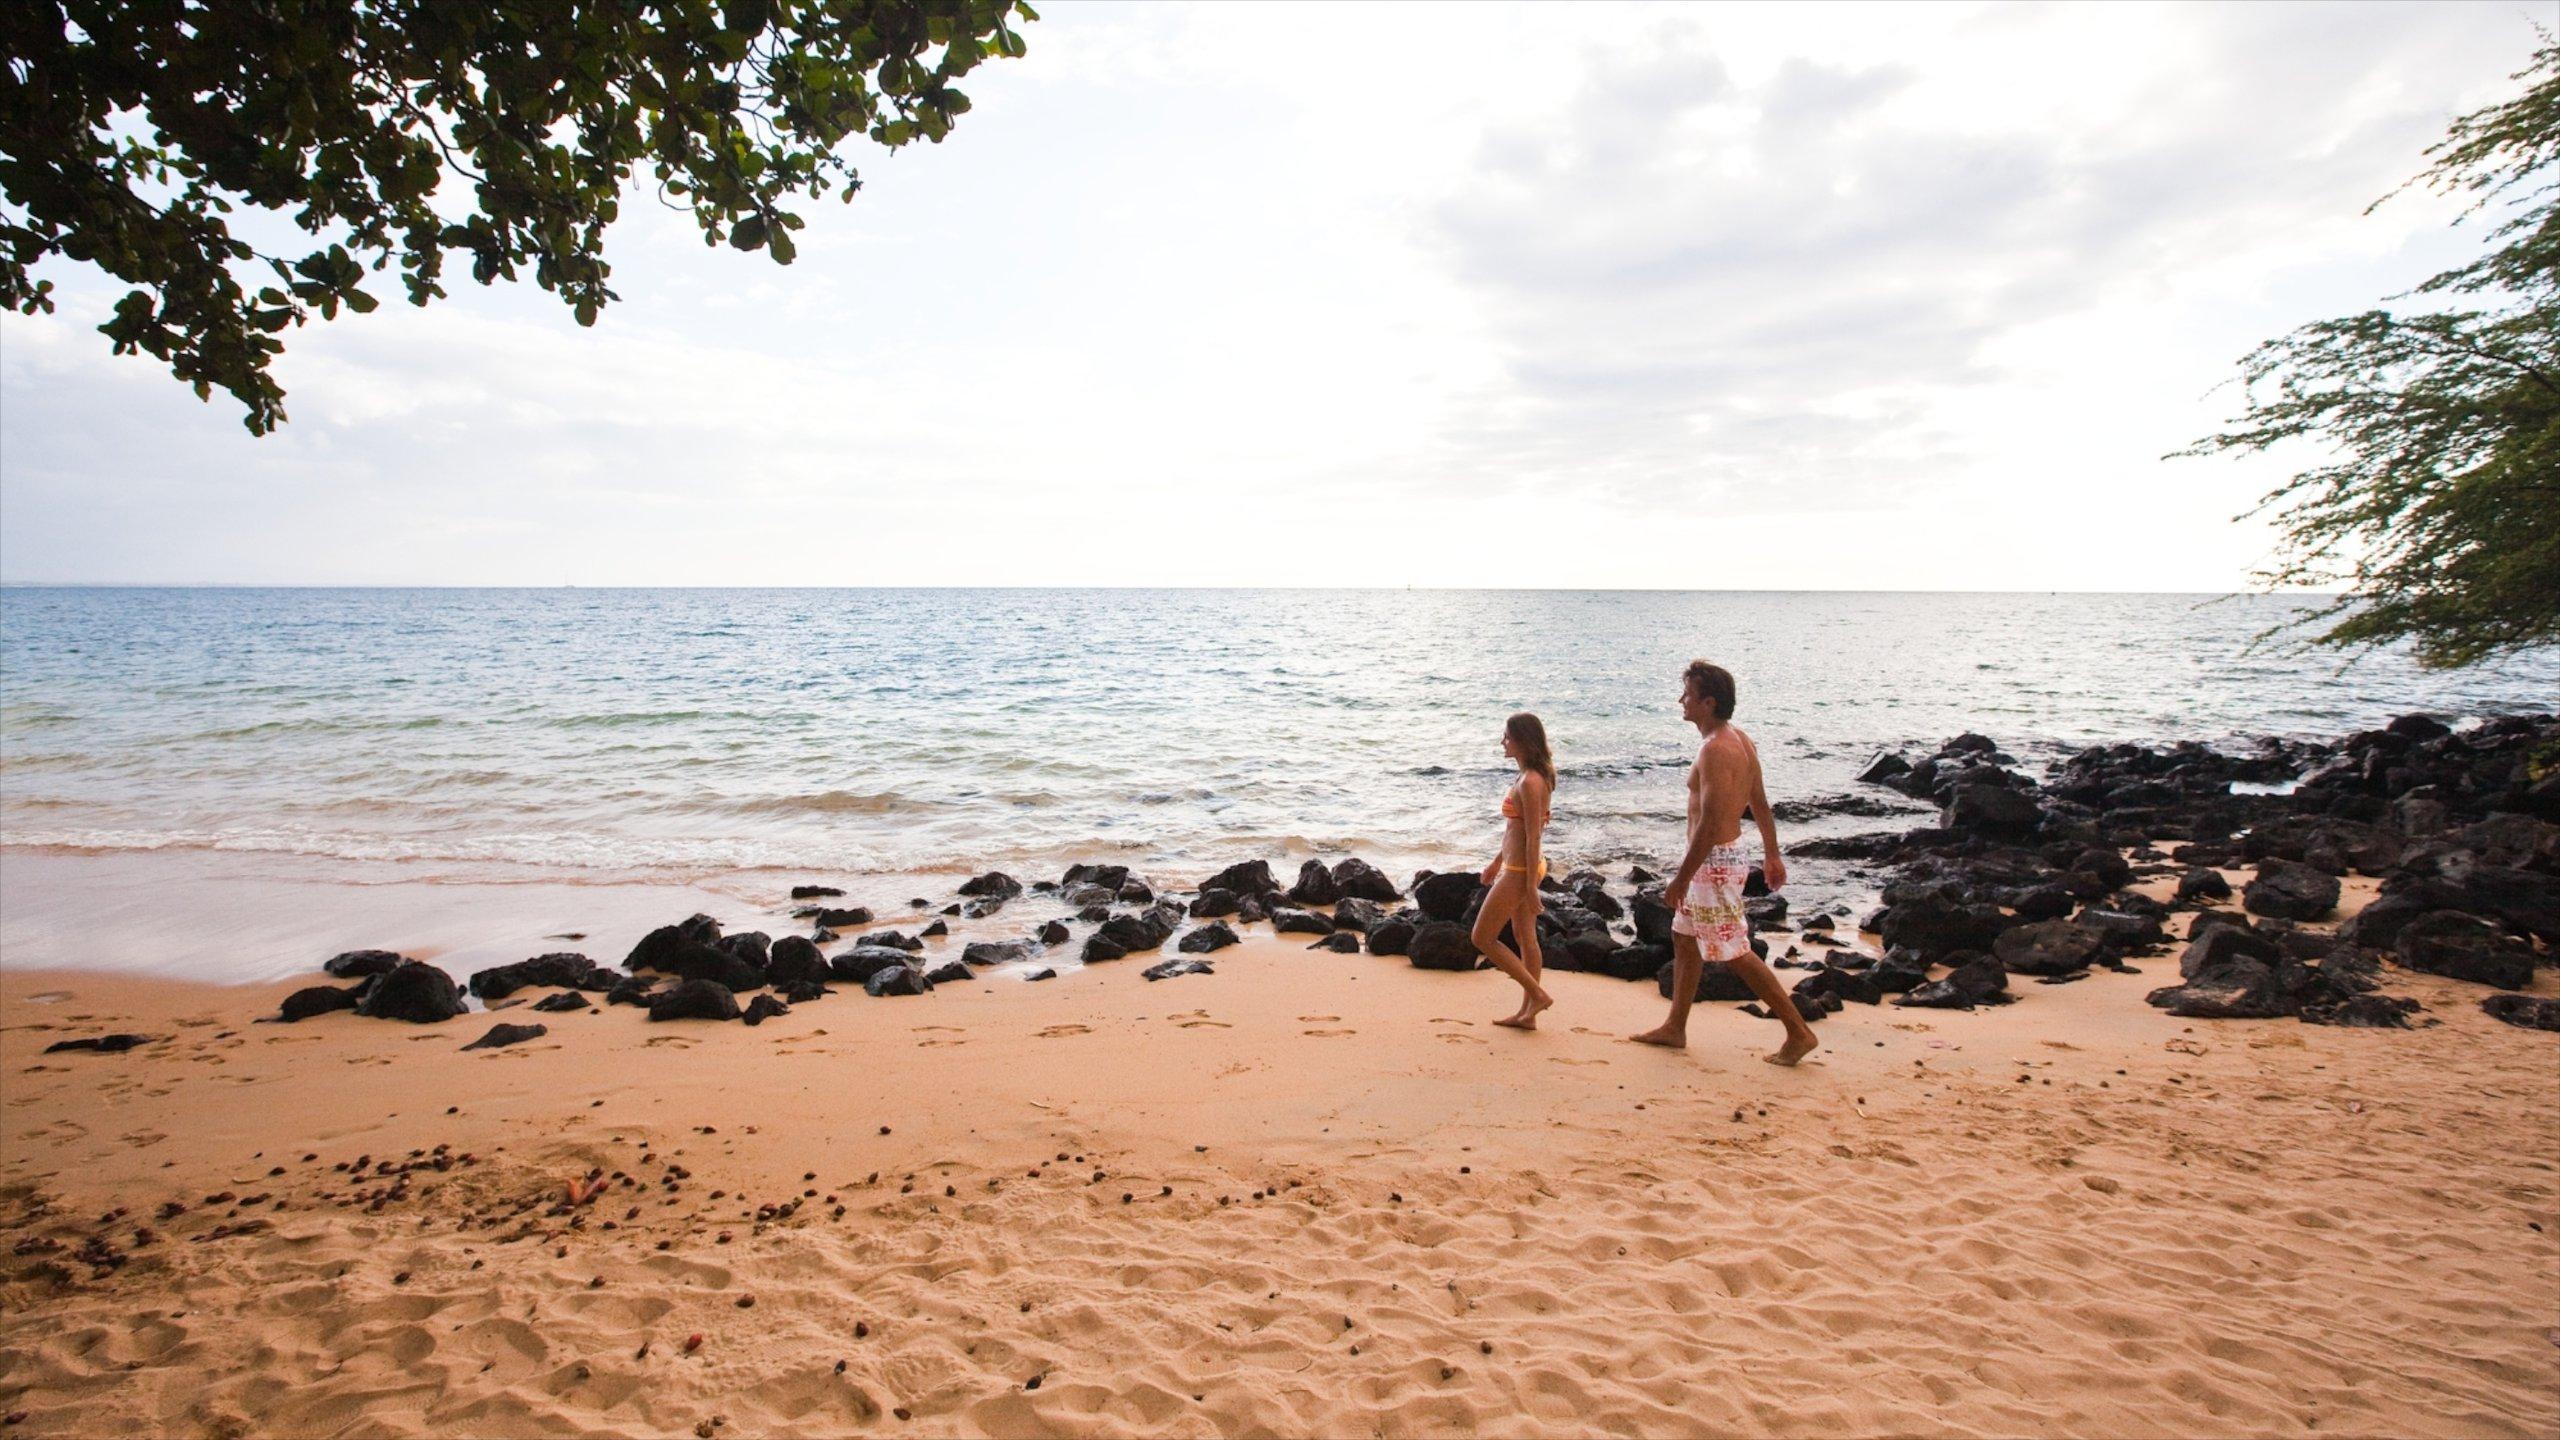 Kona Coast, Hawaii, United States of America